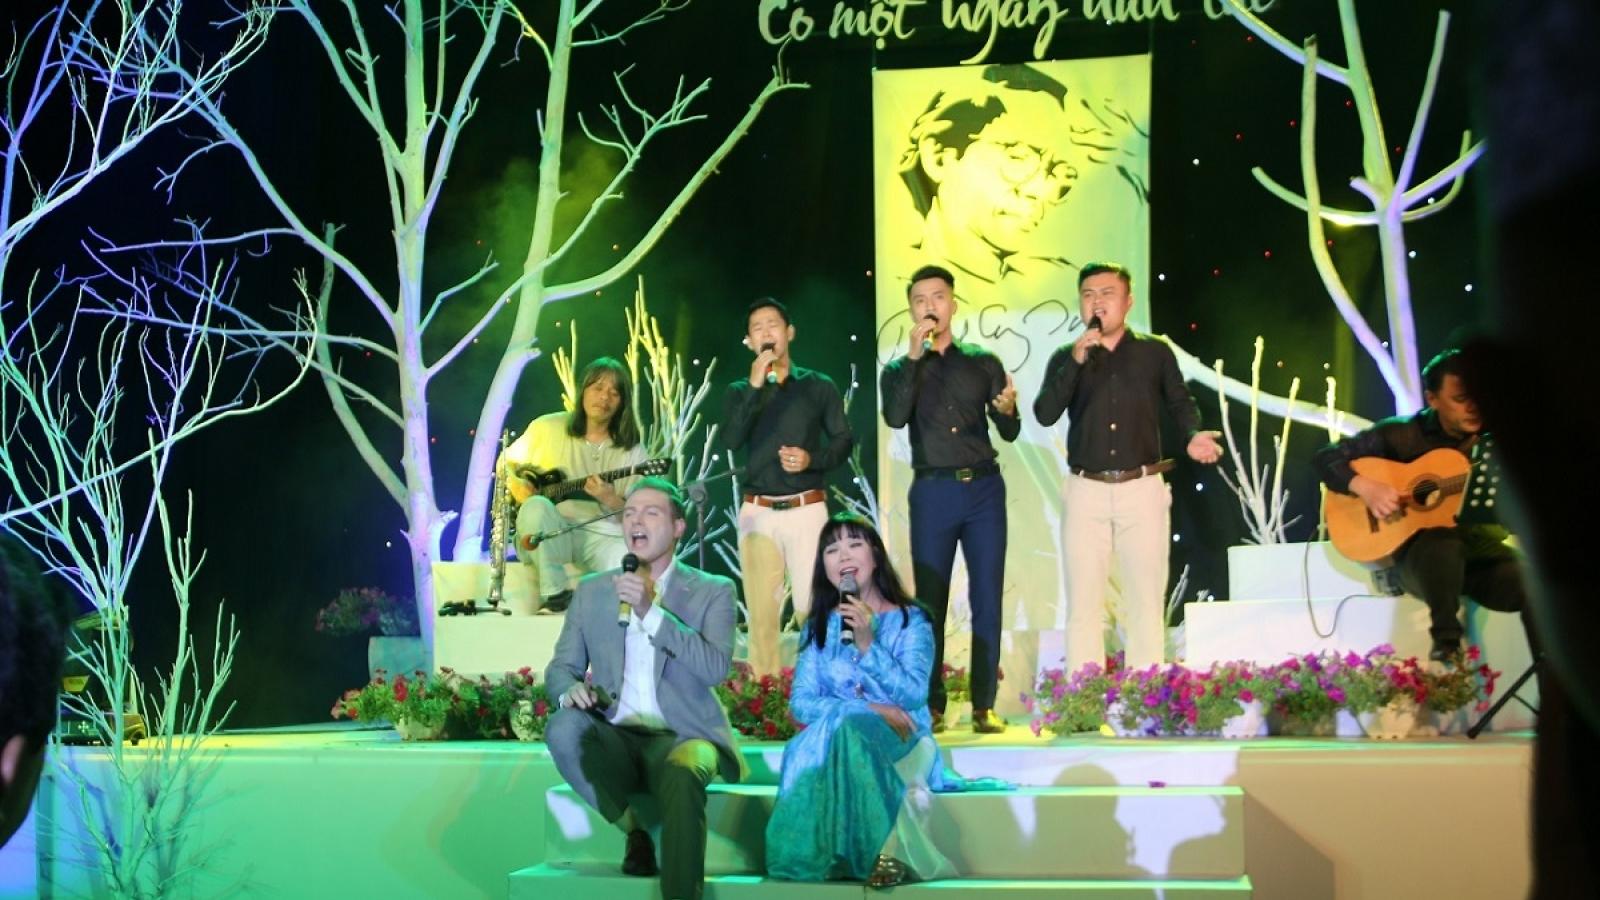 """""""Có một ngày như thế"""" tại Hội An - tưởng nhớ 20 năm ngày mất cố nhạc sĩ Trịnh Công Sơn"""